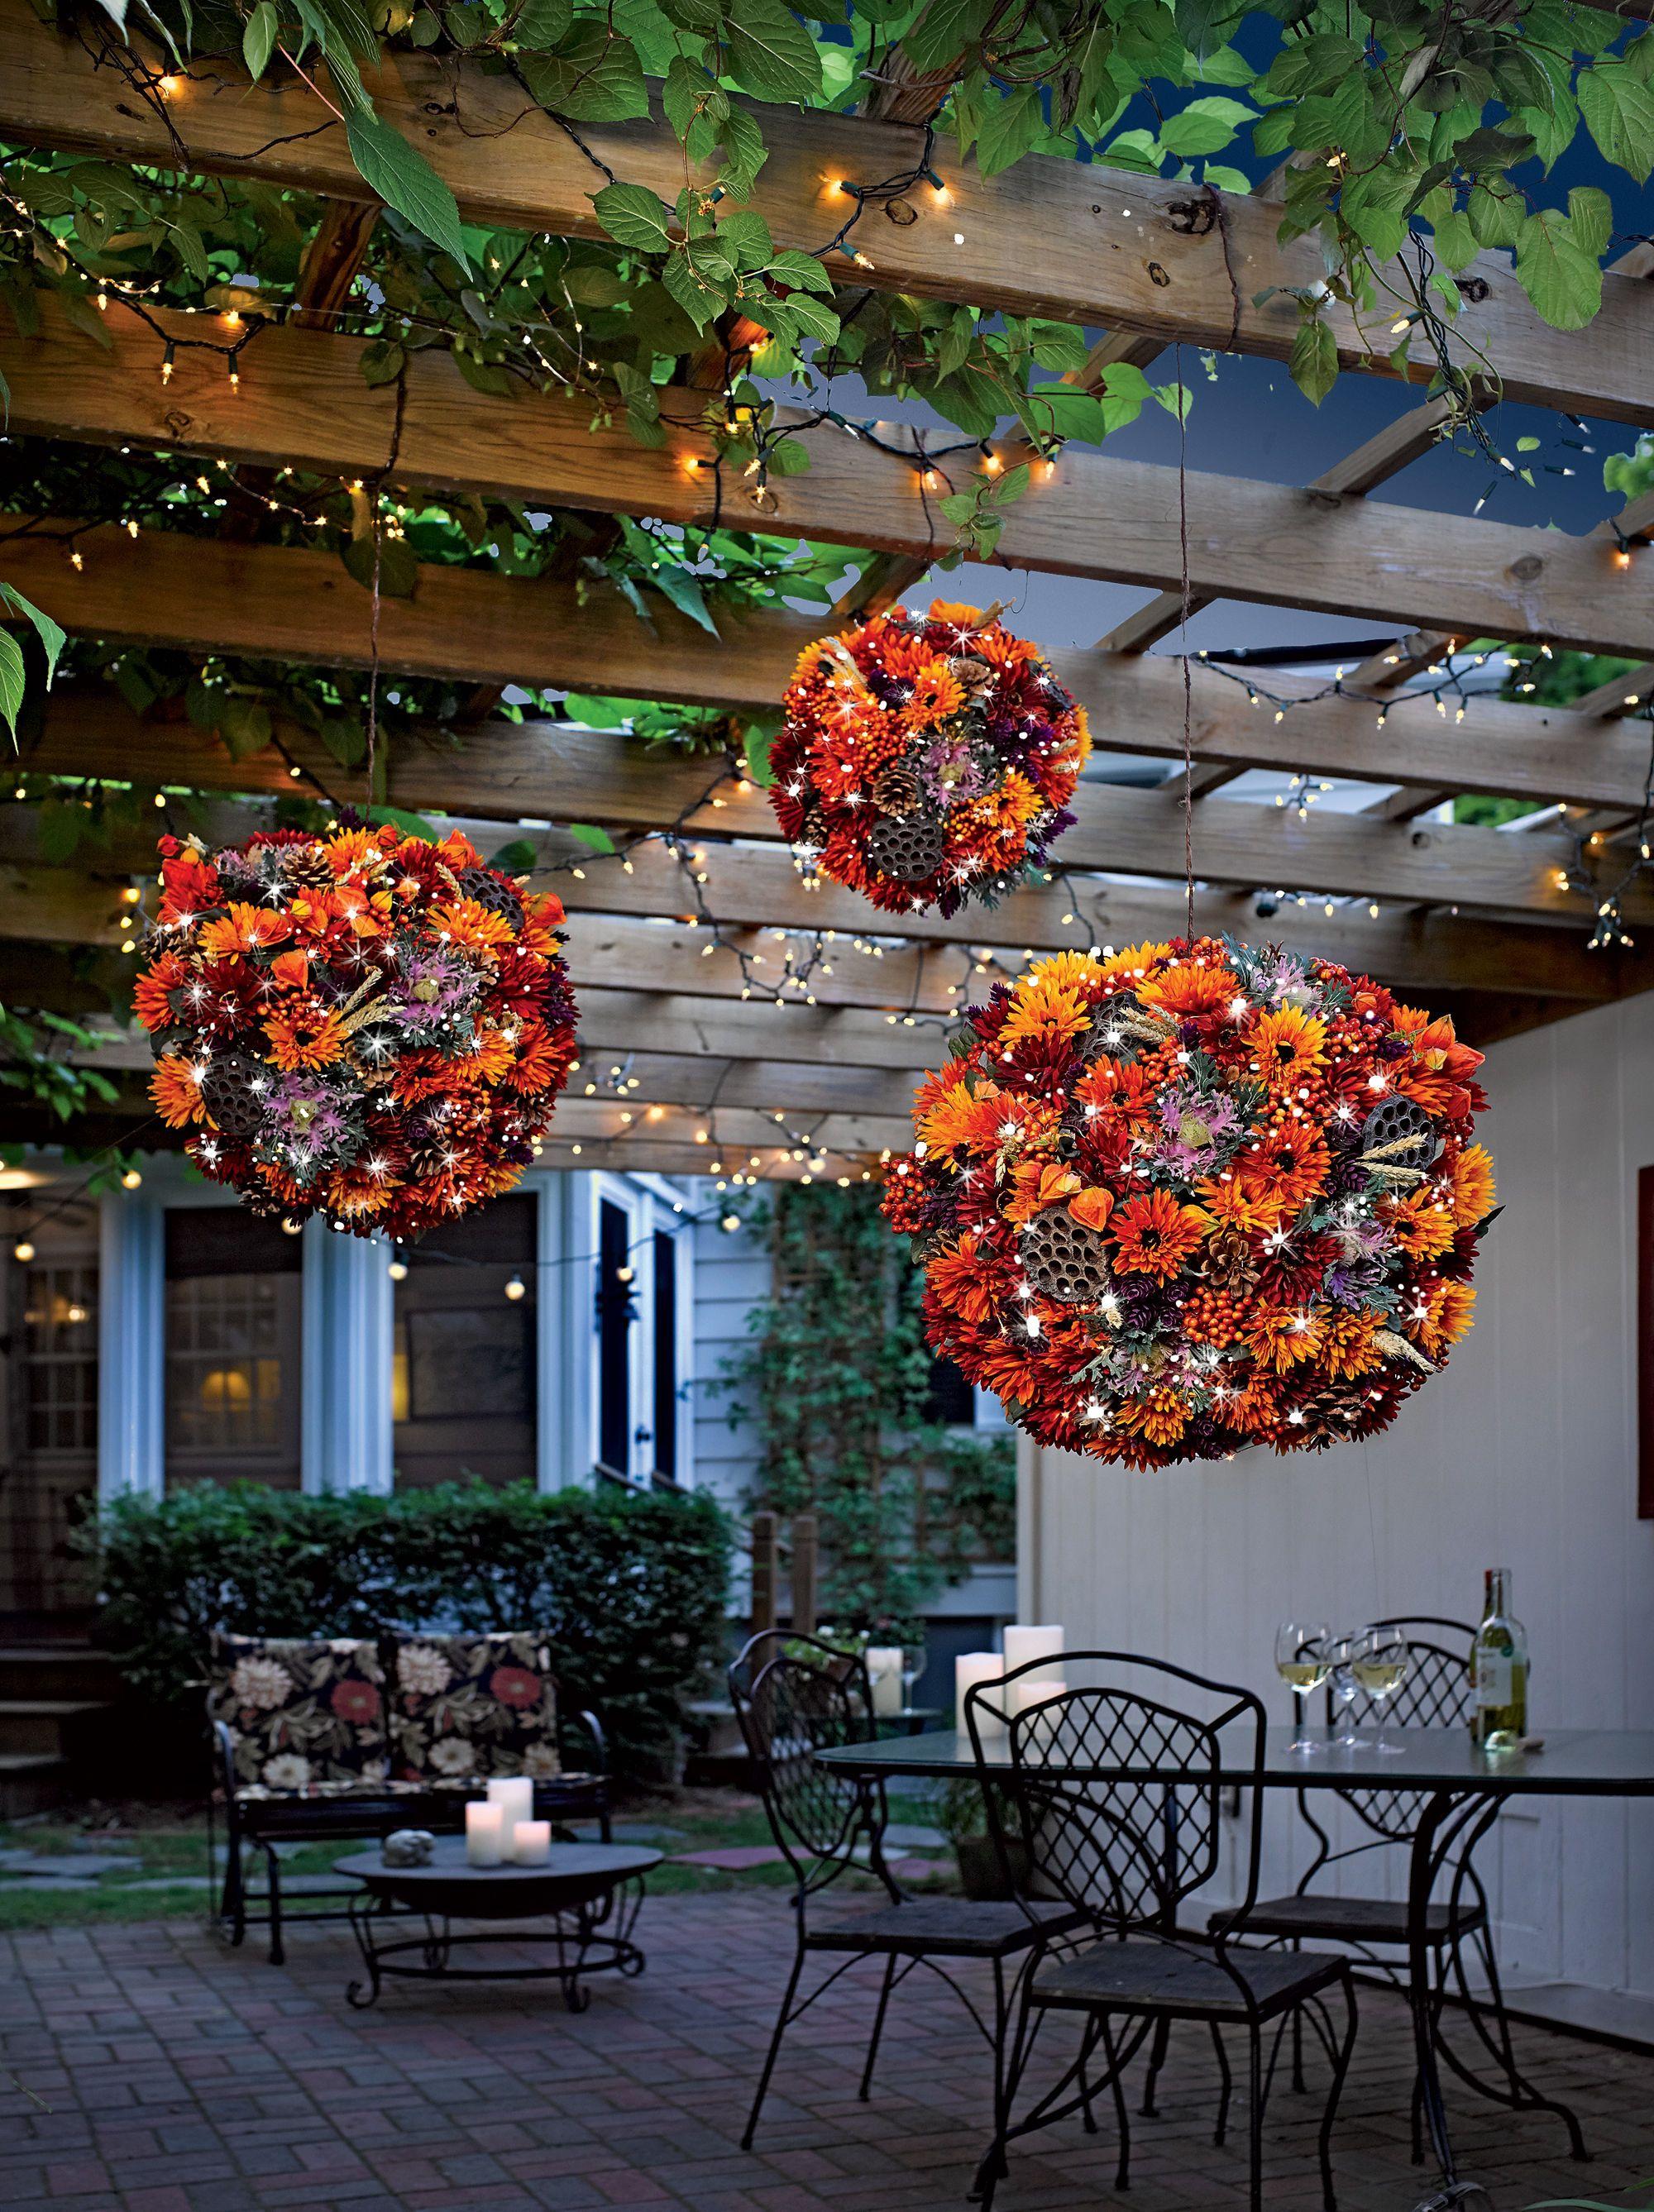 orb chandelier kit holispheres with led lights deko pinterest projekte deko und weihnachten. Black Bedroom Furniture Sets. Home Design Ideas